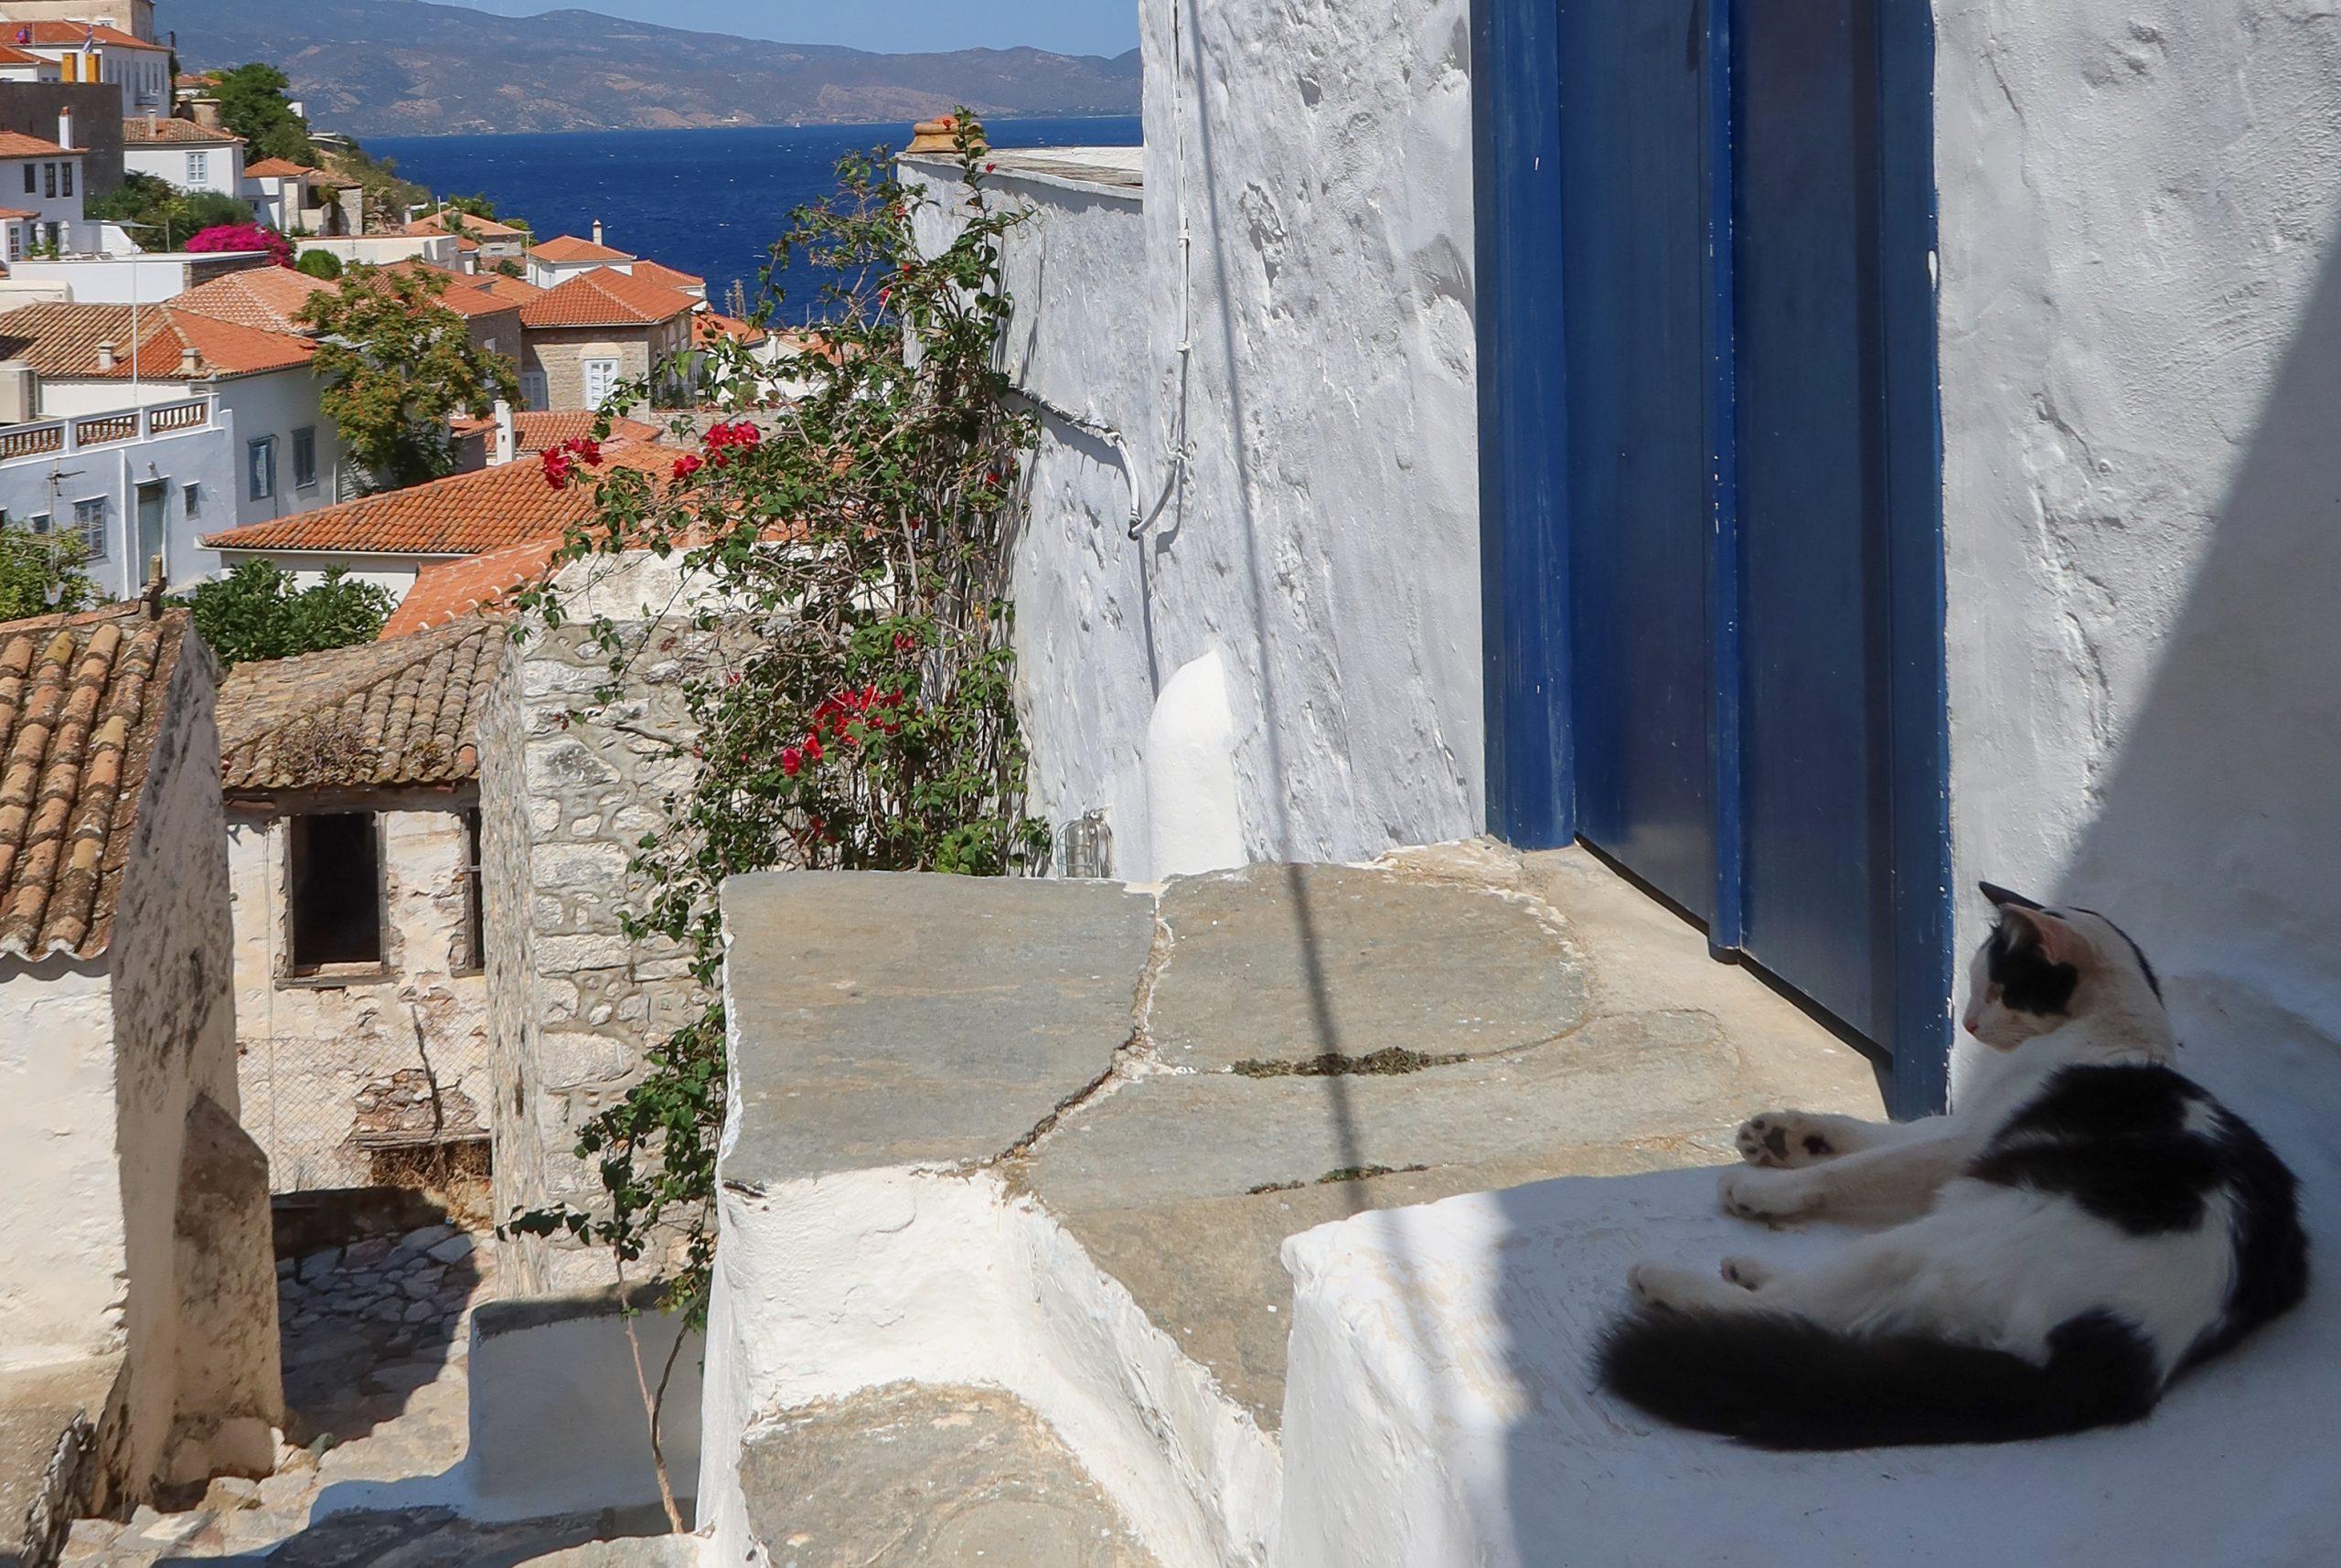 [:sv]På Hydra klättrar de smala gatorna uppför bergssluttningen.[:]